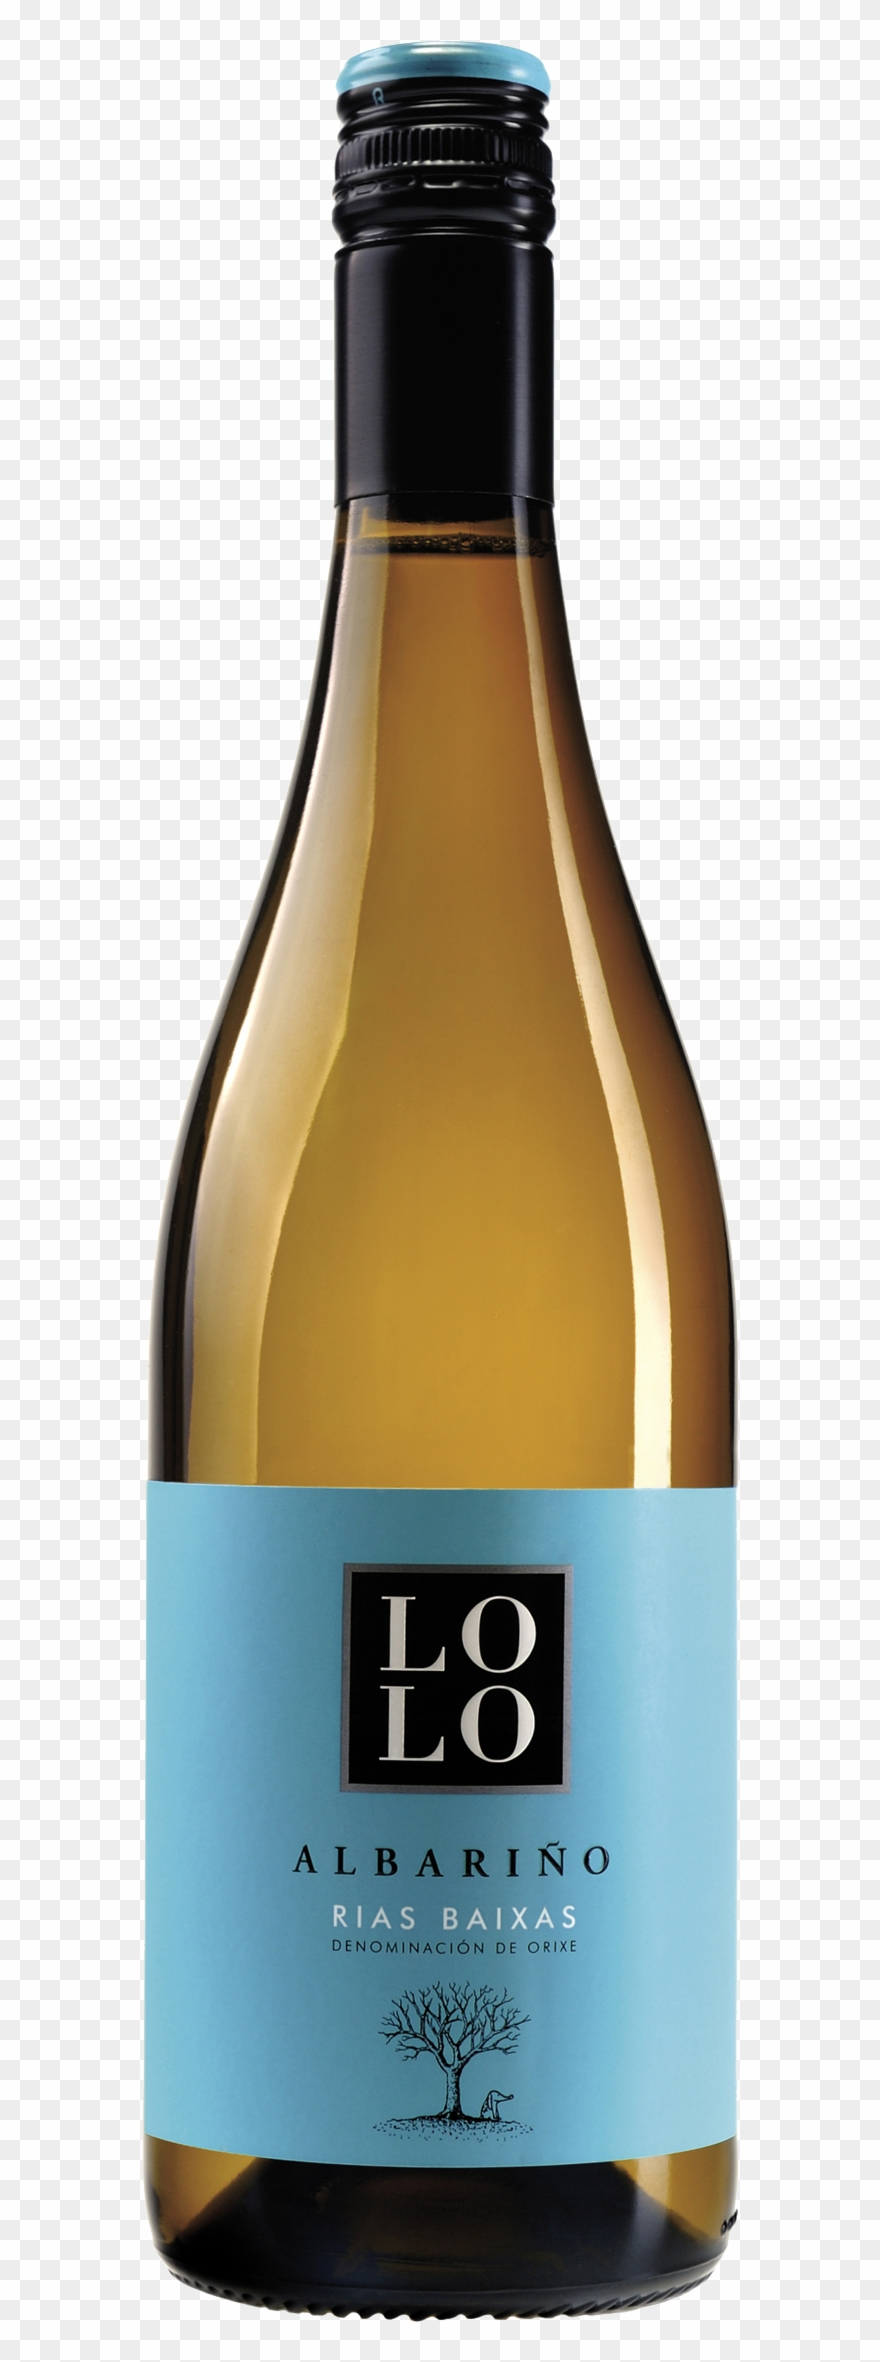 wine-bottle # 4841089